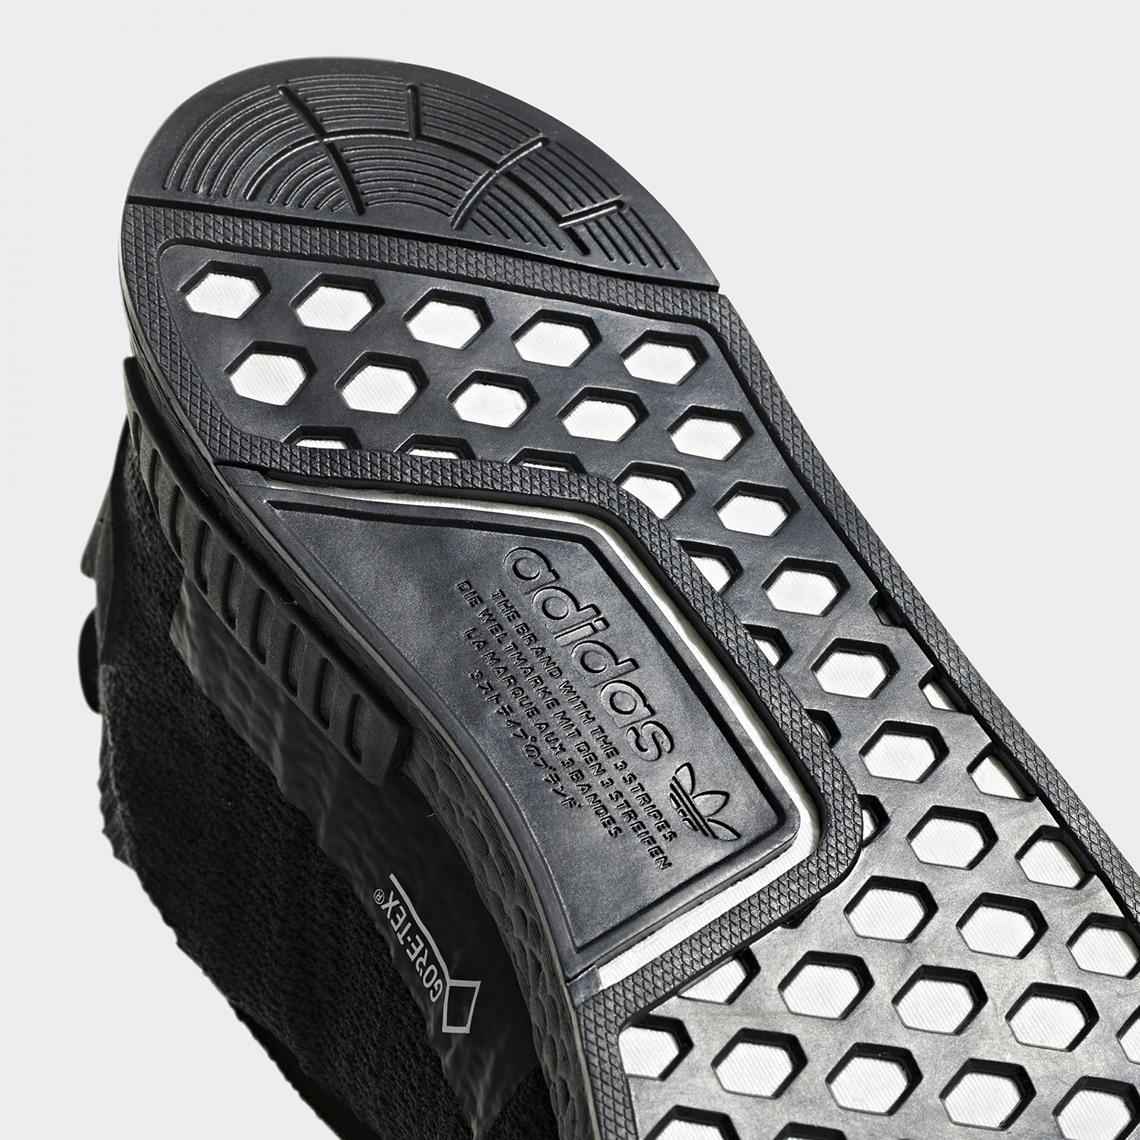 ffcc5d5d8ed adidas NMD TS1 Gore Tex Triple Black Photos | SneakerNews.com